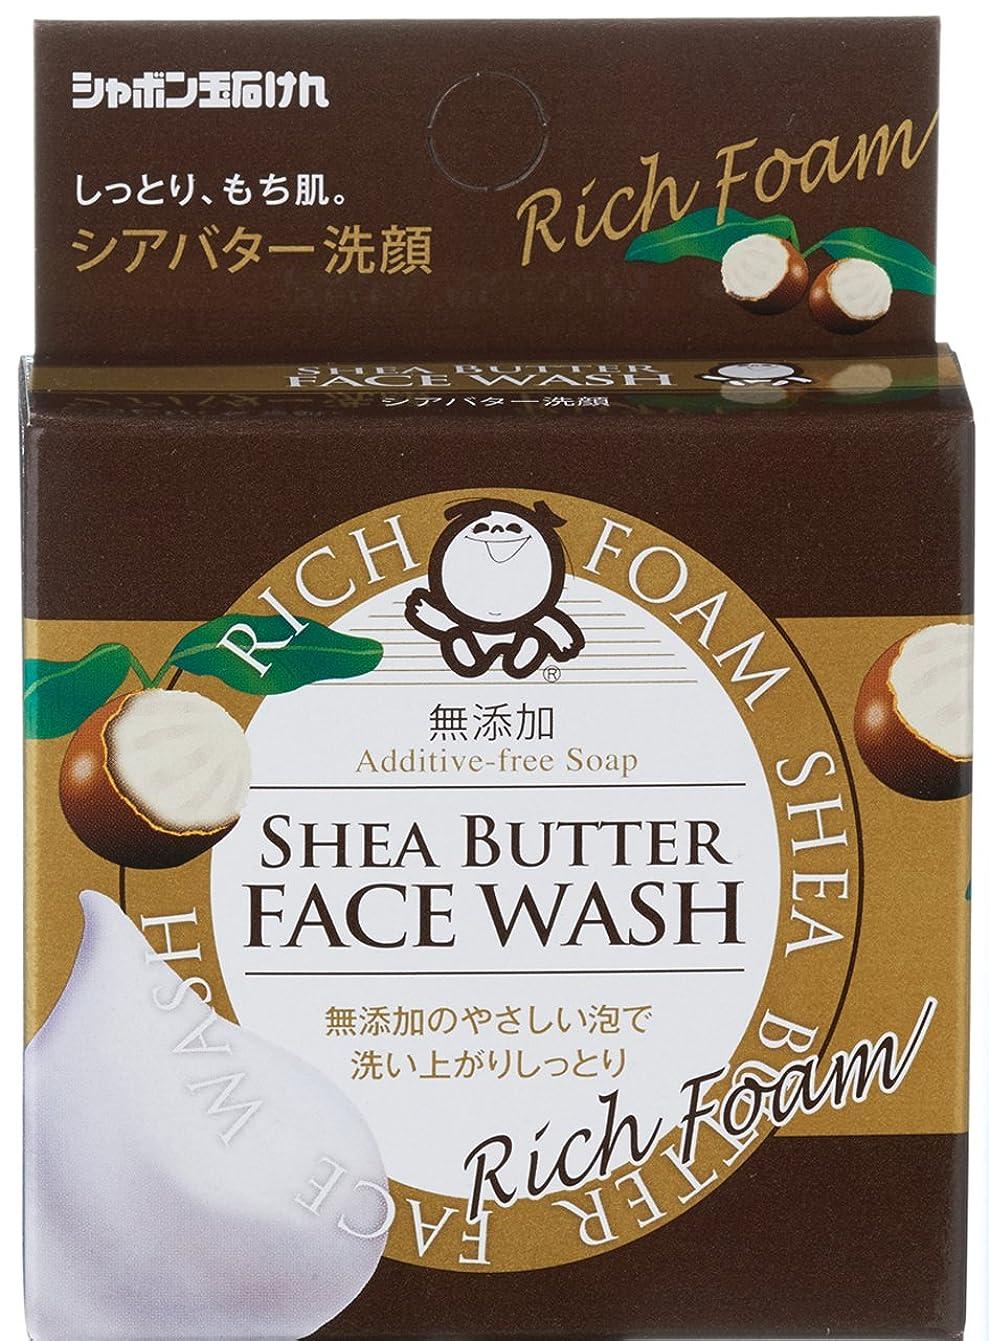 ファランクス冷ややかな現実シャボン玉 シアバター洗顔 60g